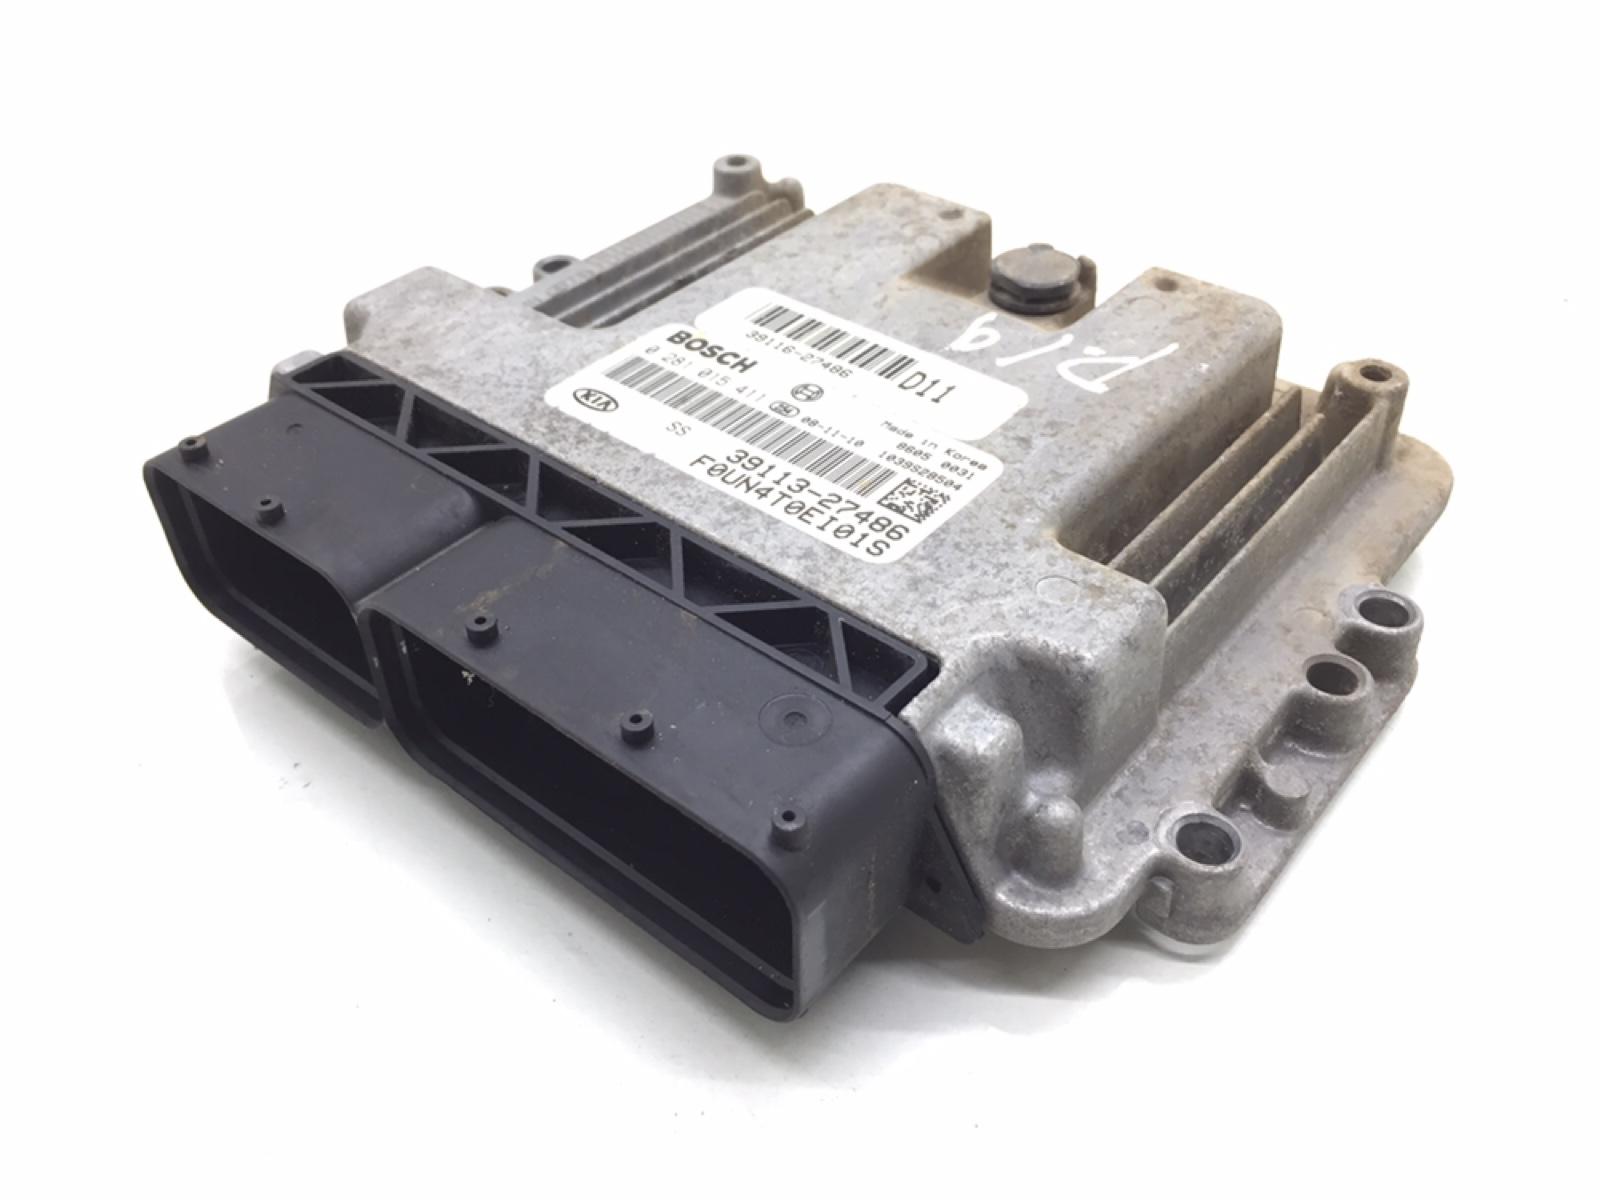 Блок управления двигателем Kia Carens 2.0 CRDI 2009 (б/у)